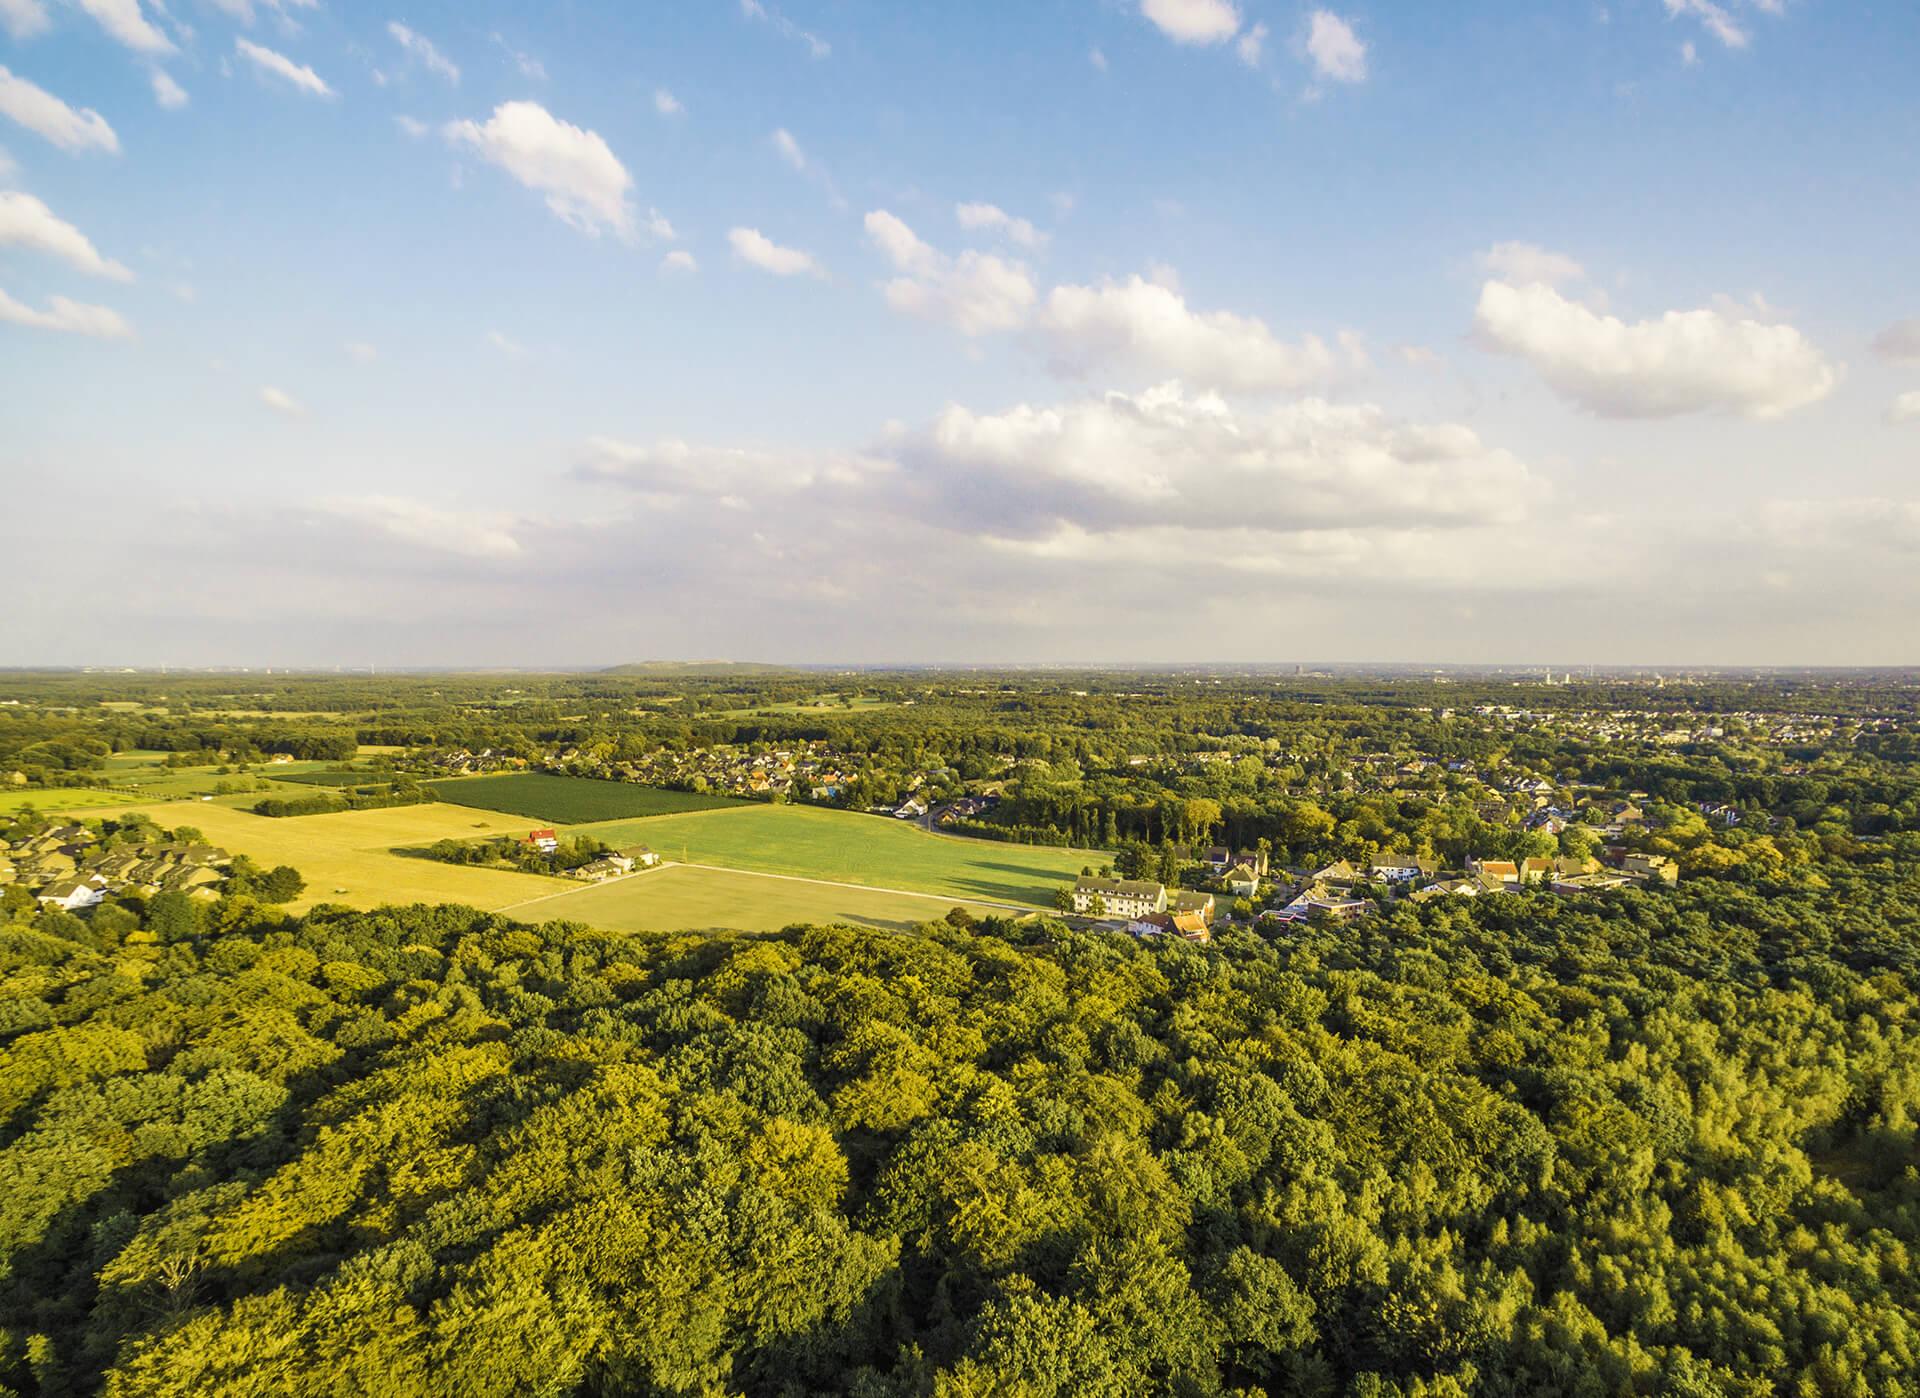 Luftbild von einer grünen Landschaft in Düsseldorf